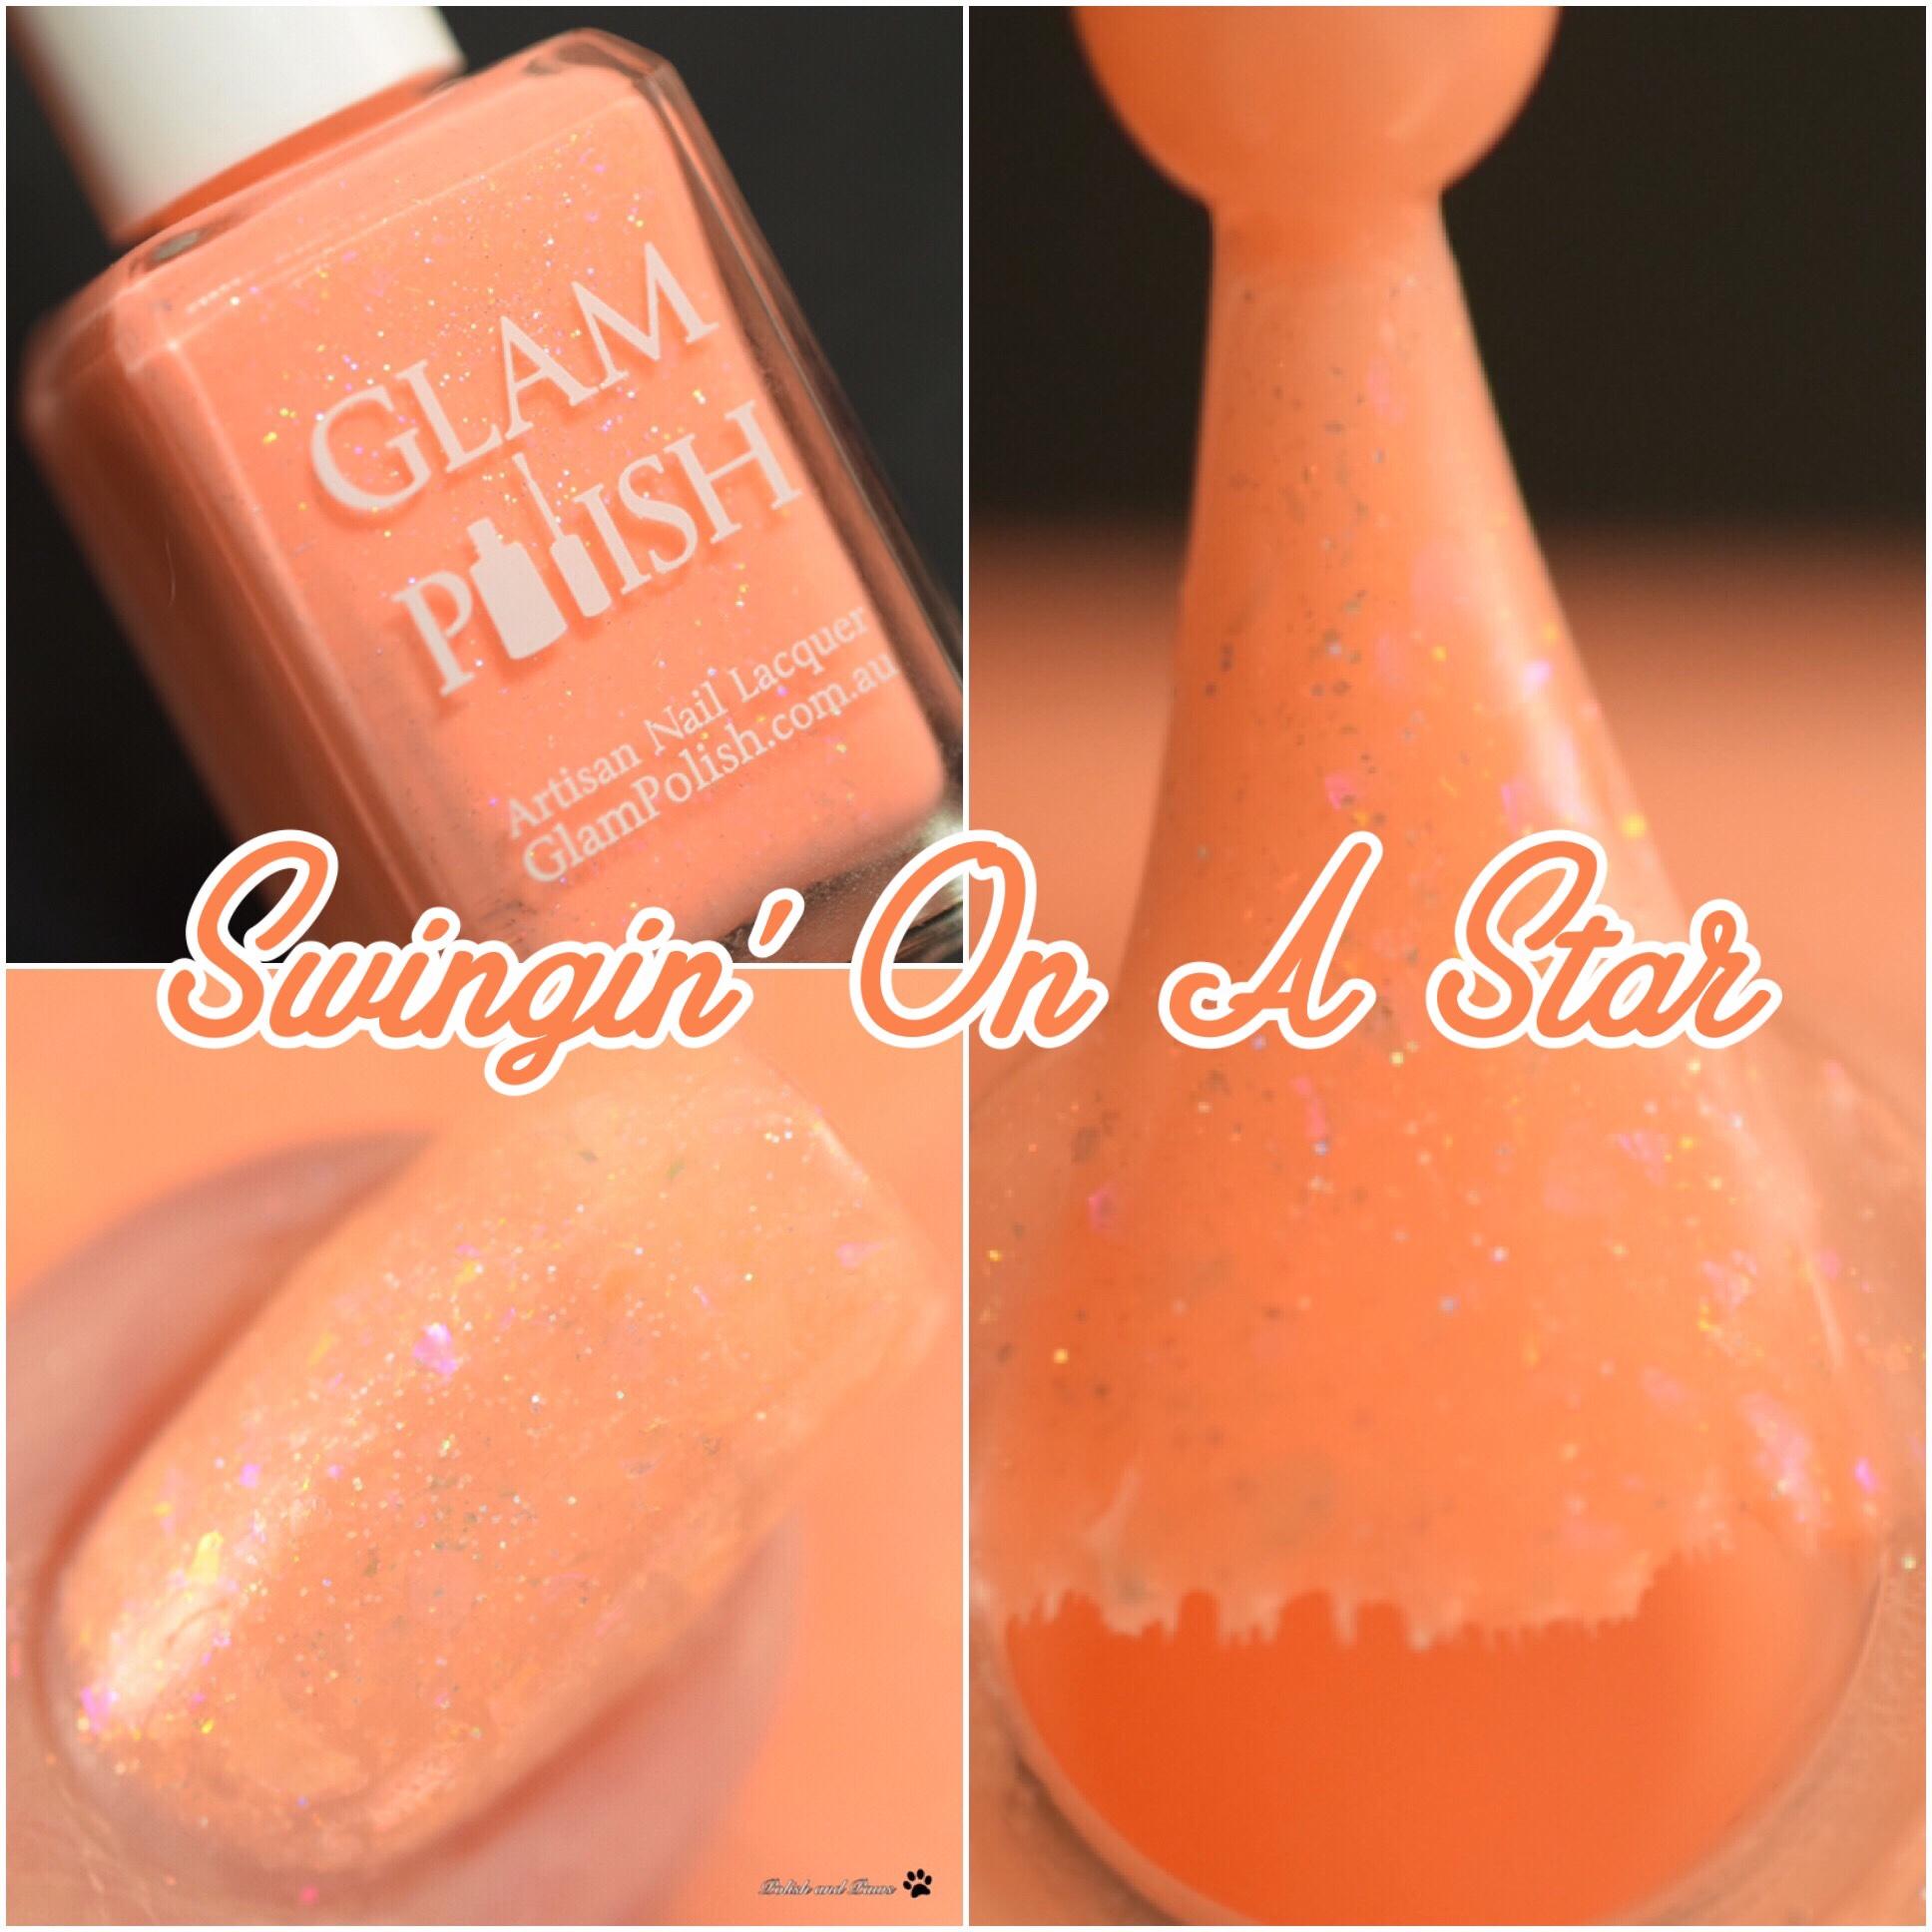 Glam Polish Swingin' on a Star